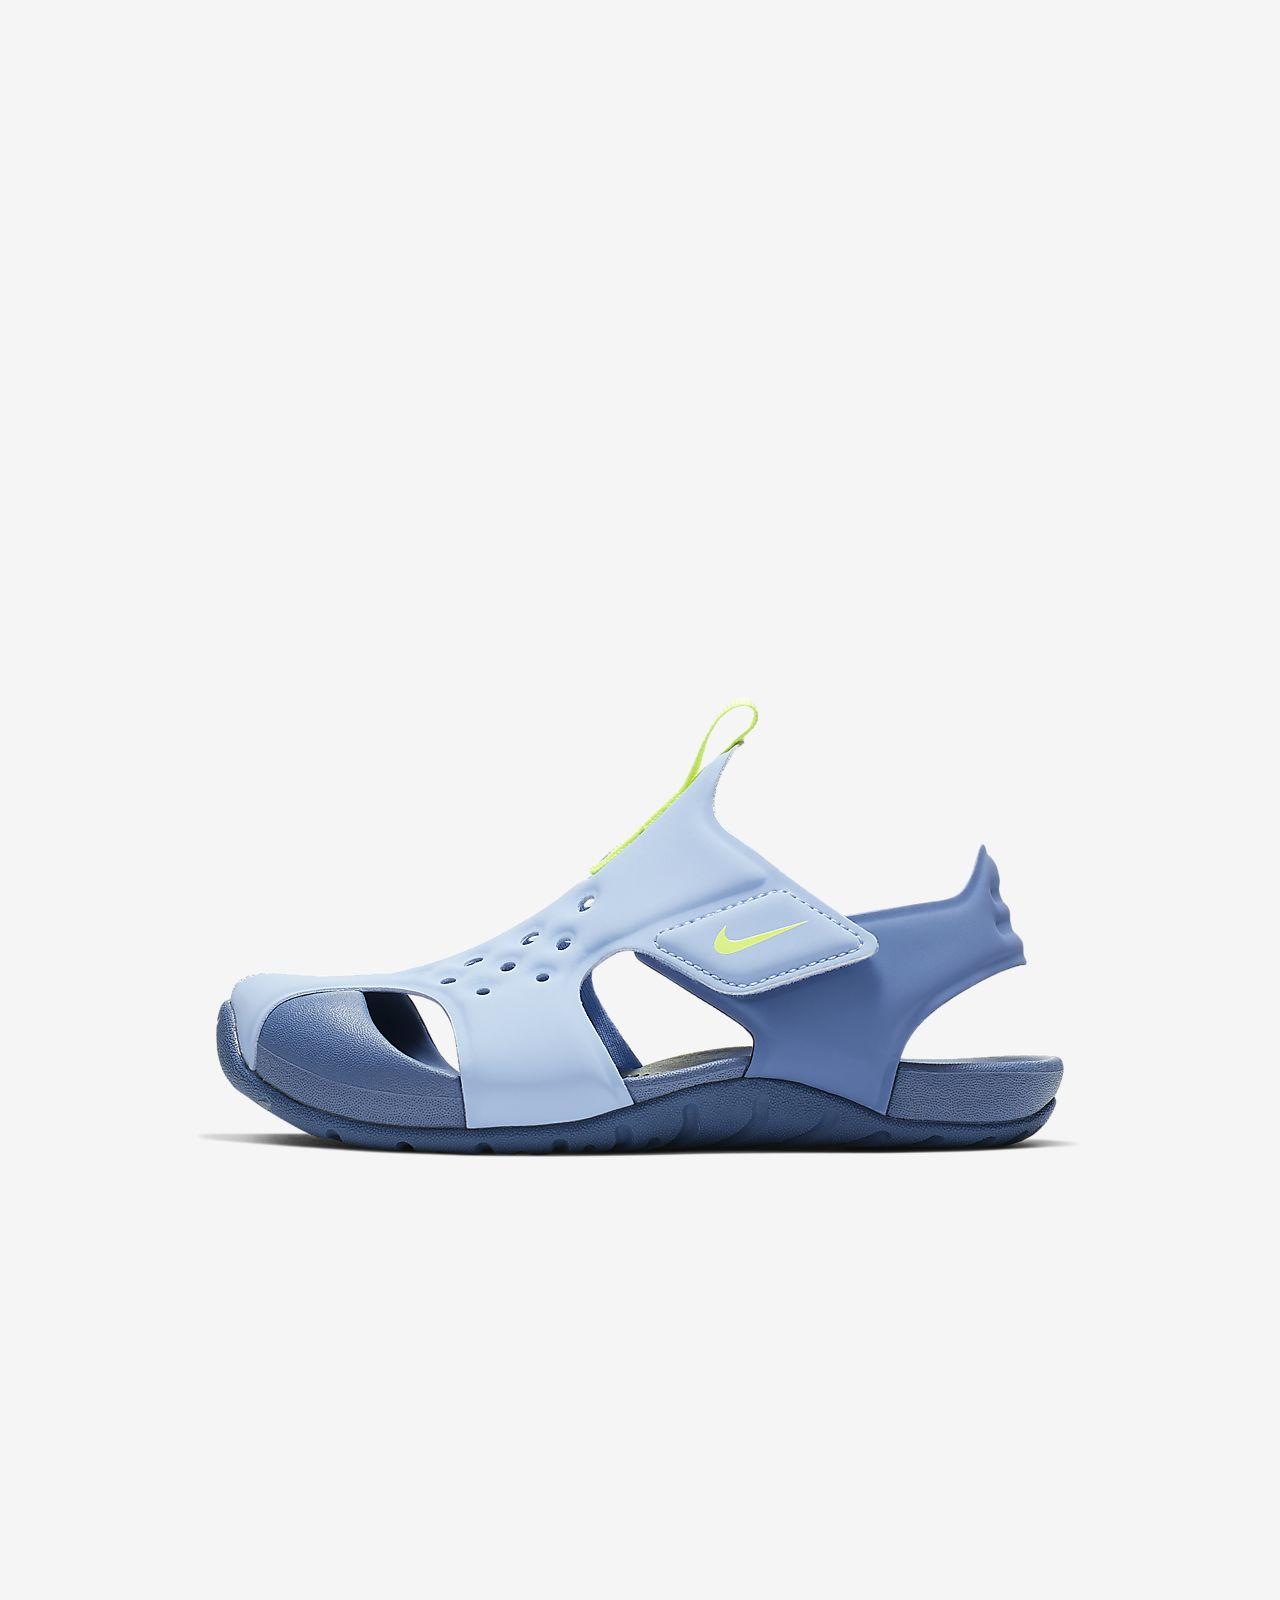 Nike Sunray Protect 2 Küçük Çocuk Sandaleti